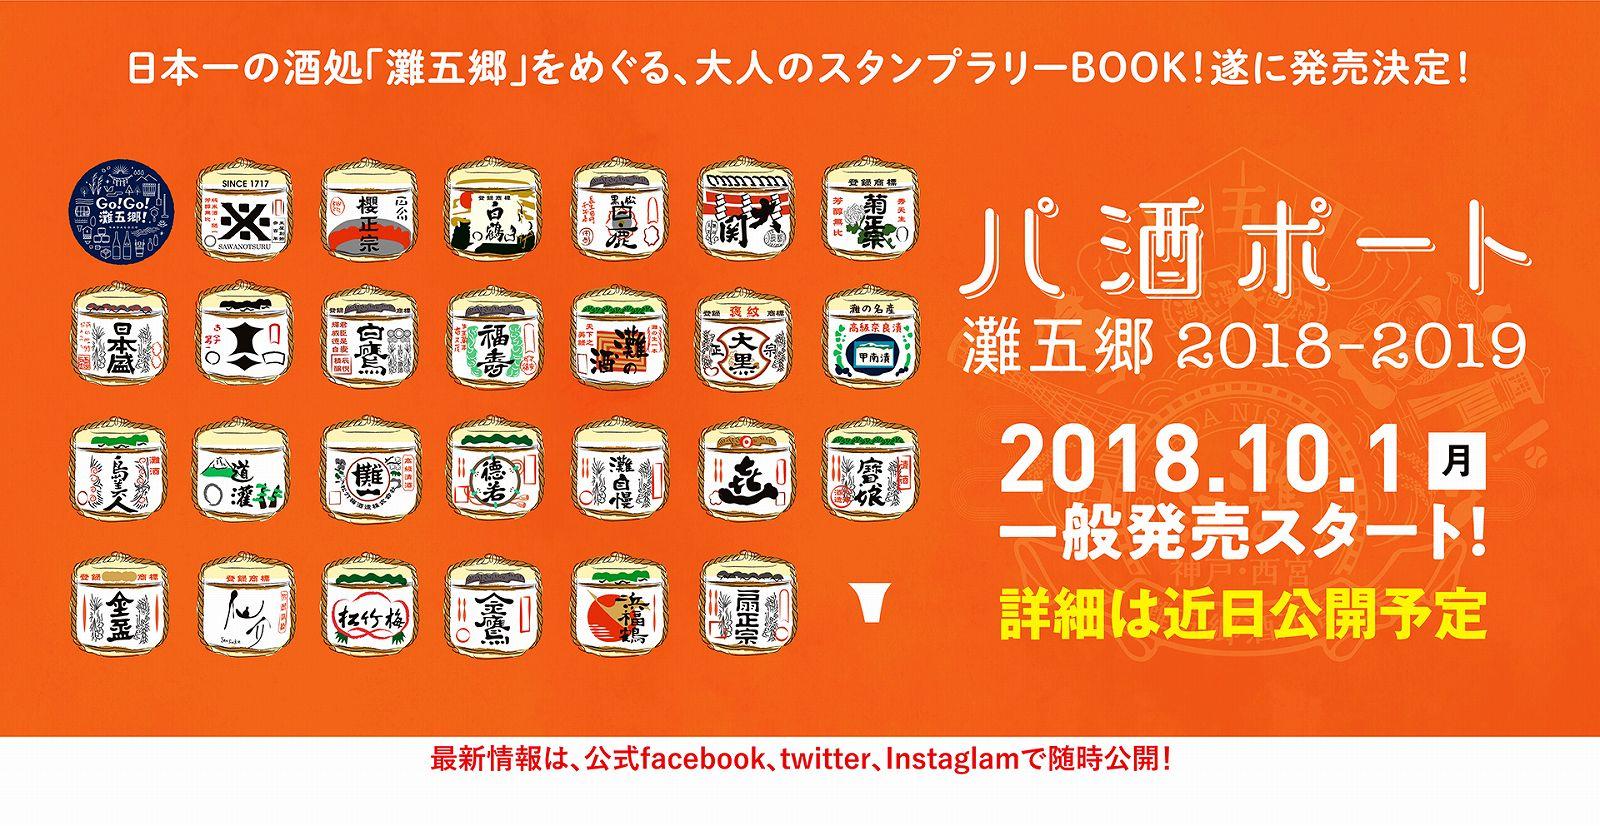 「灘五郷」の酒蔵を巡る大人のスタンプラリーBOOK『パ酒ポート 灘五郷2018-2019』が10/1から発売されるよ! #灘五郷 #パ酒ポート #日本酒